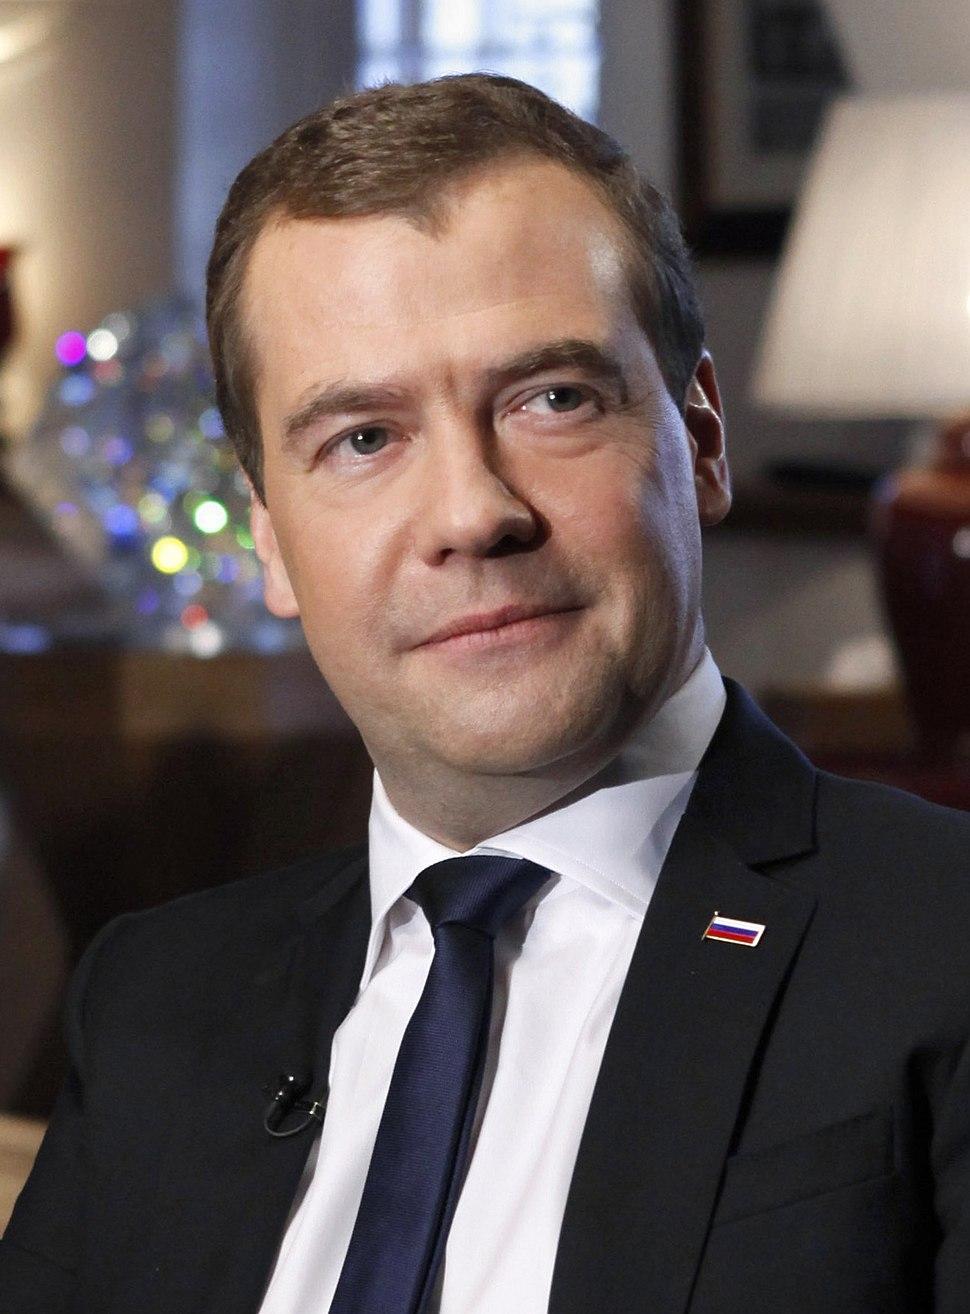 Dmitry Medvedev Portrait